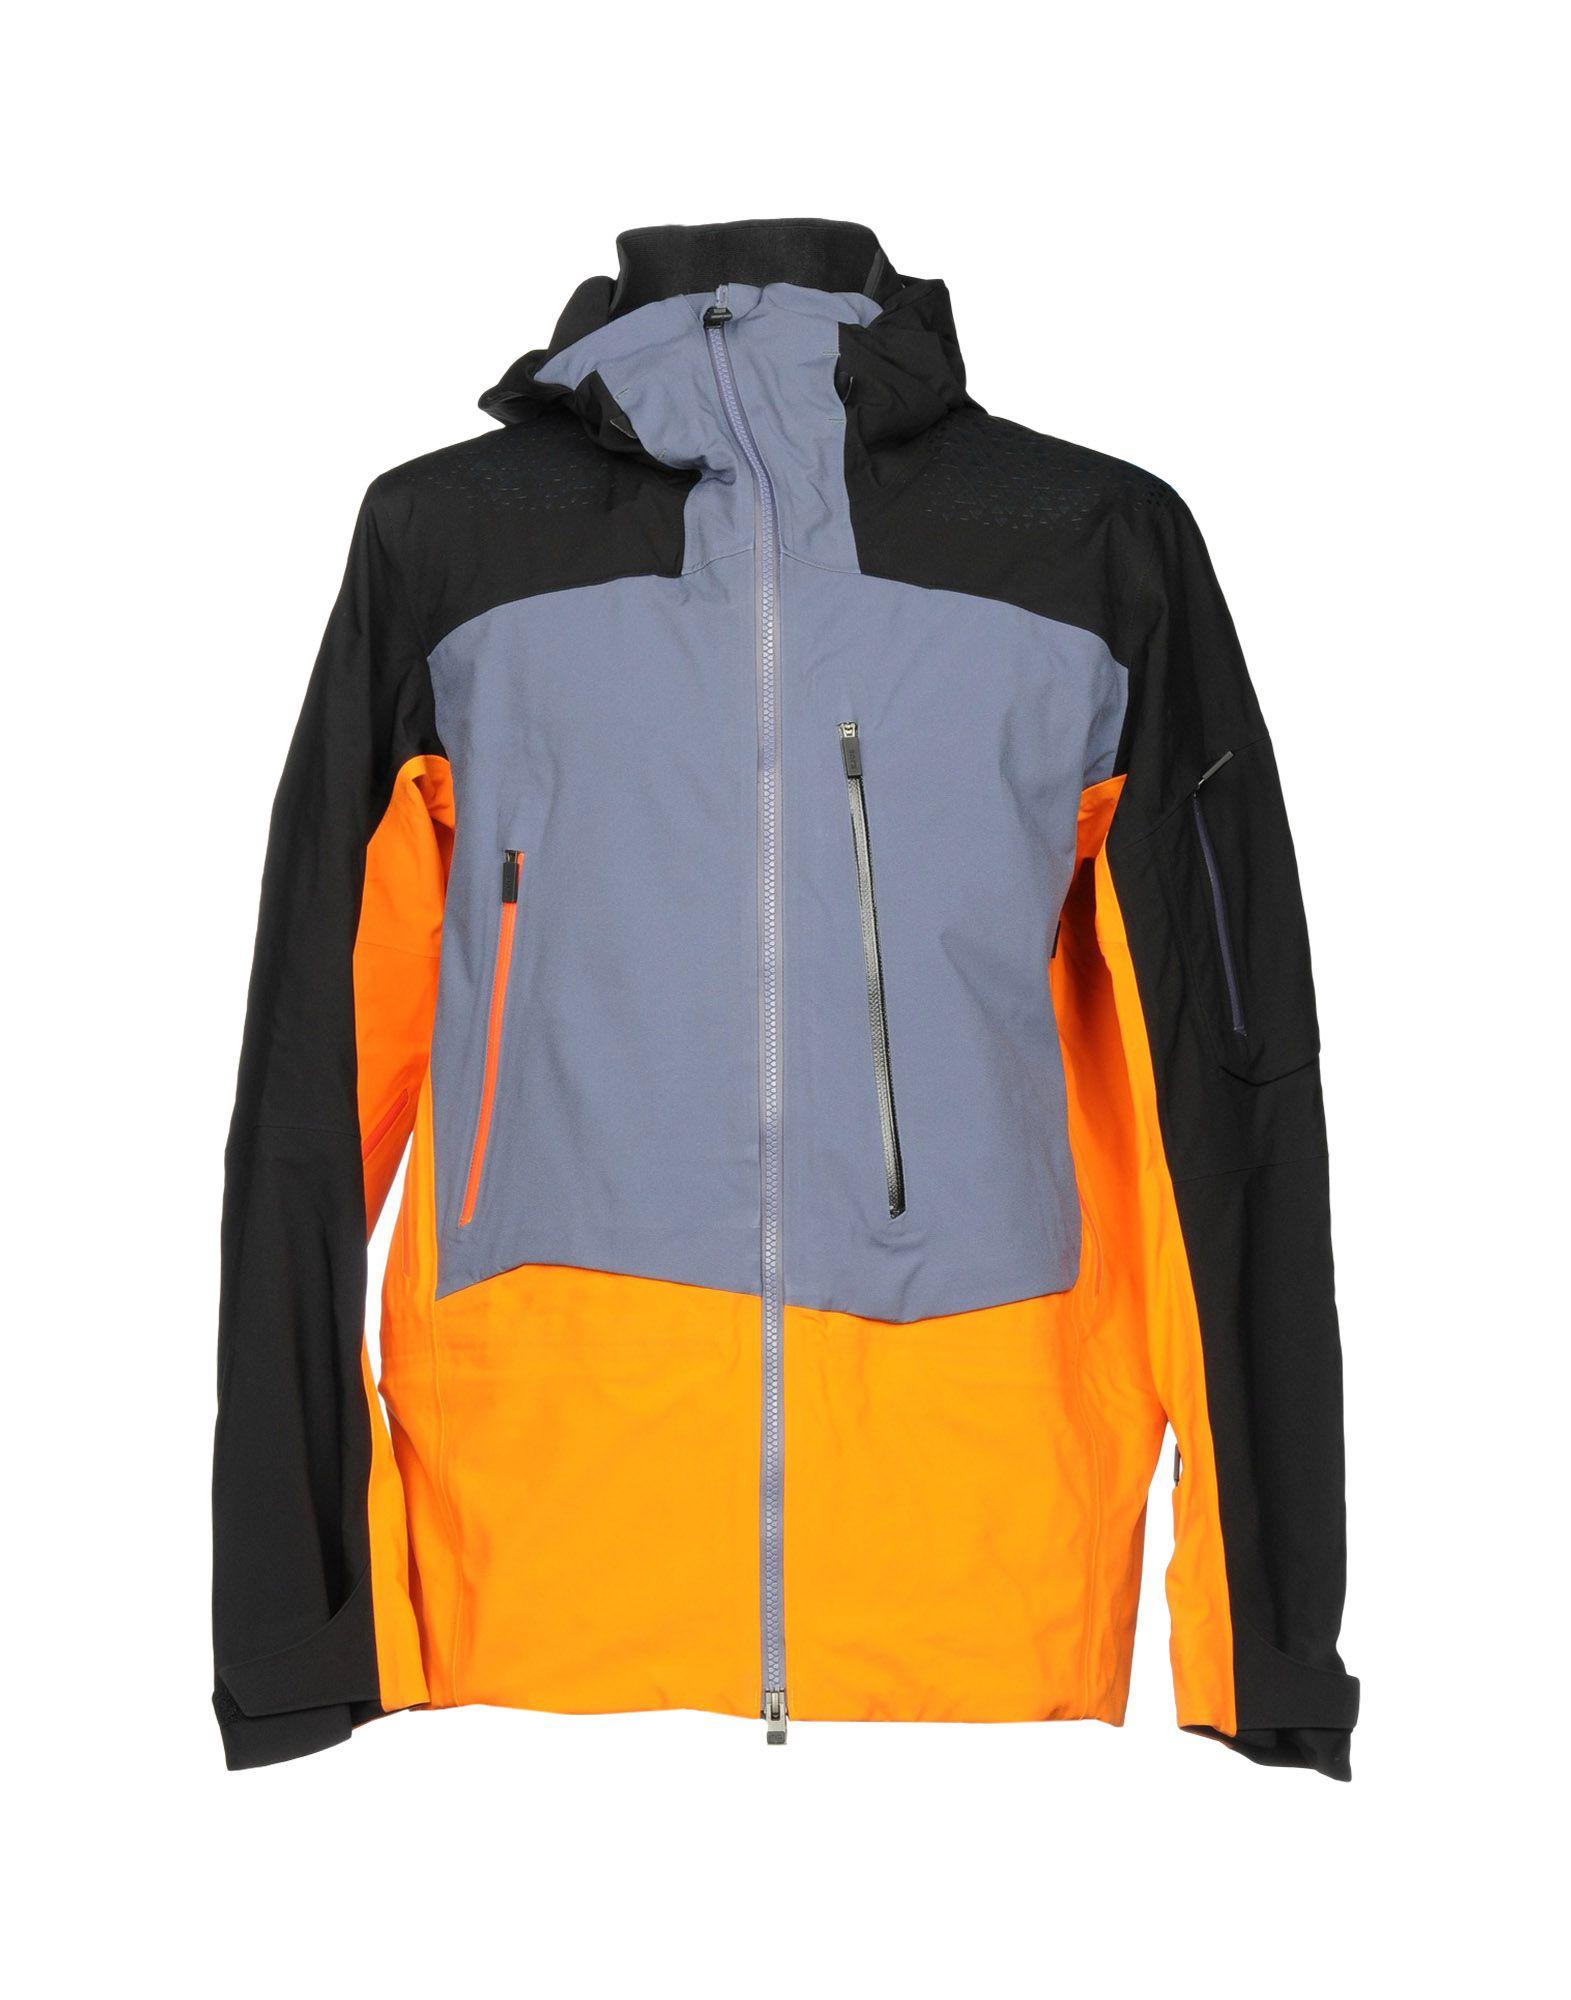 KJUS Jacket in Slate Blue